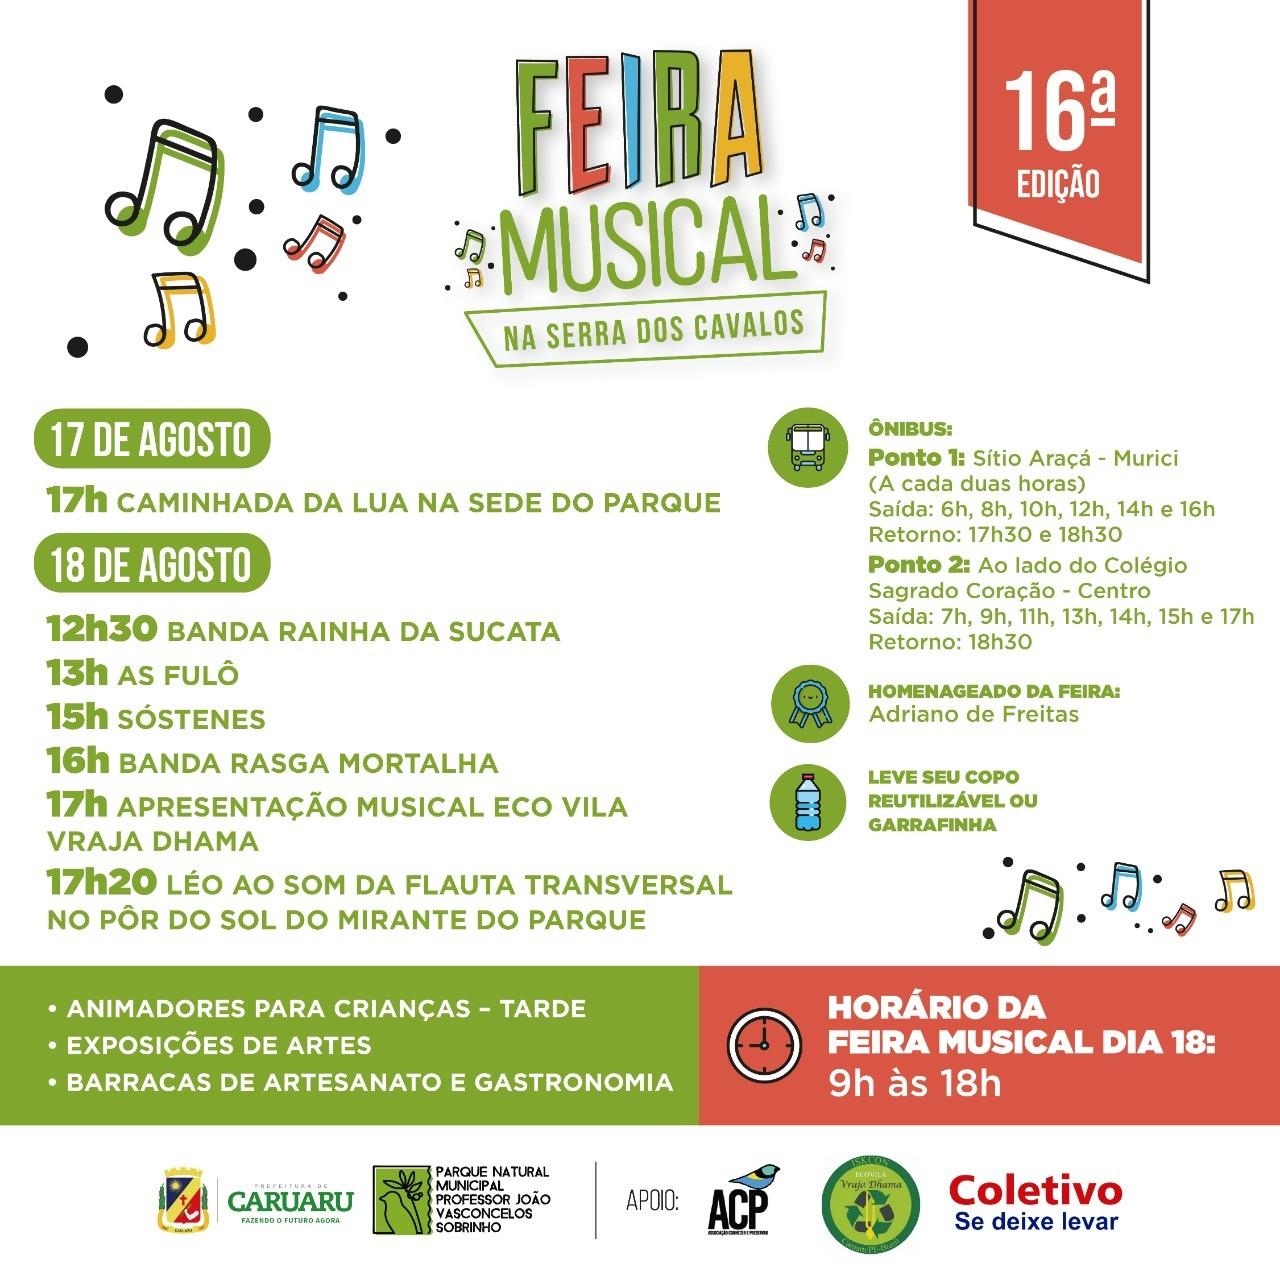 16ª edição da 'Feirinha Musical na Serra dos Cavalos' é realizada em Caruaru - Notícias - Plantão Diário